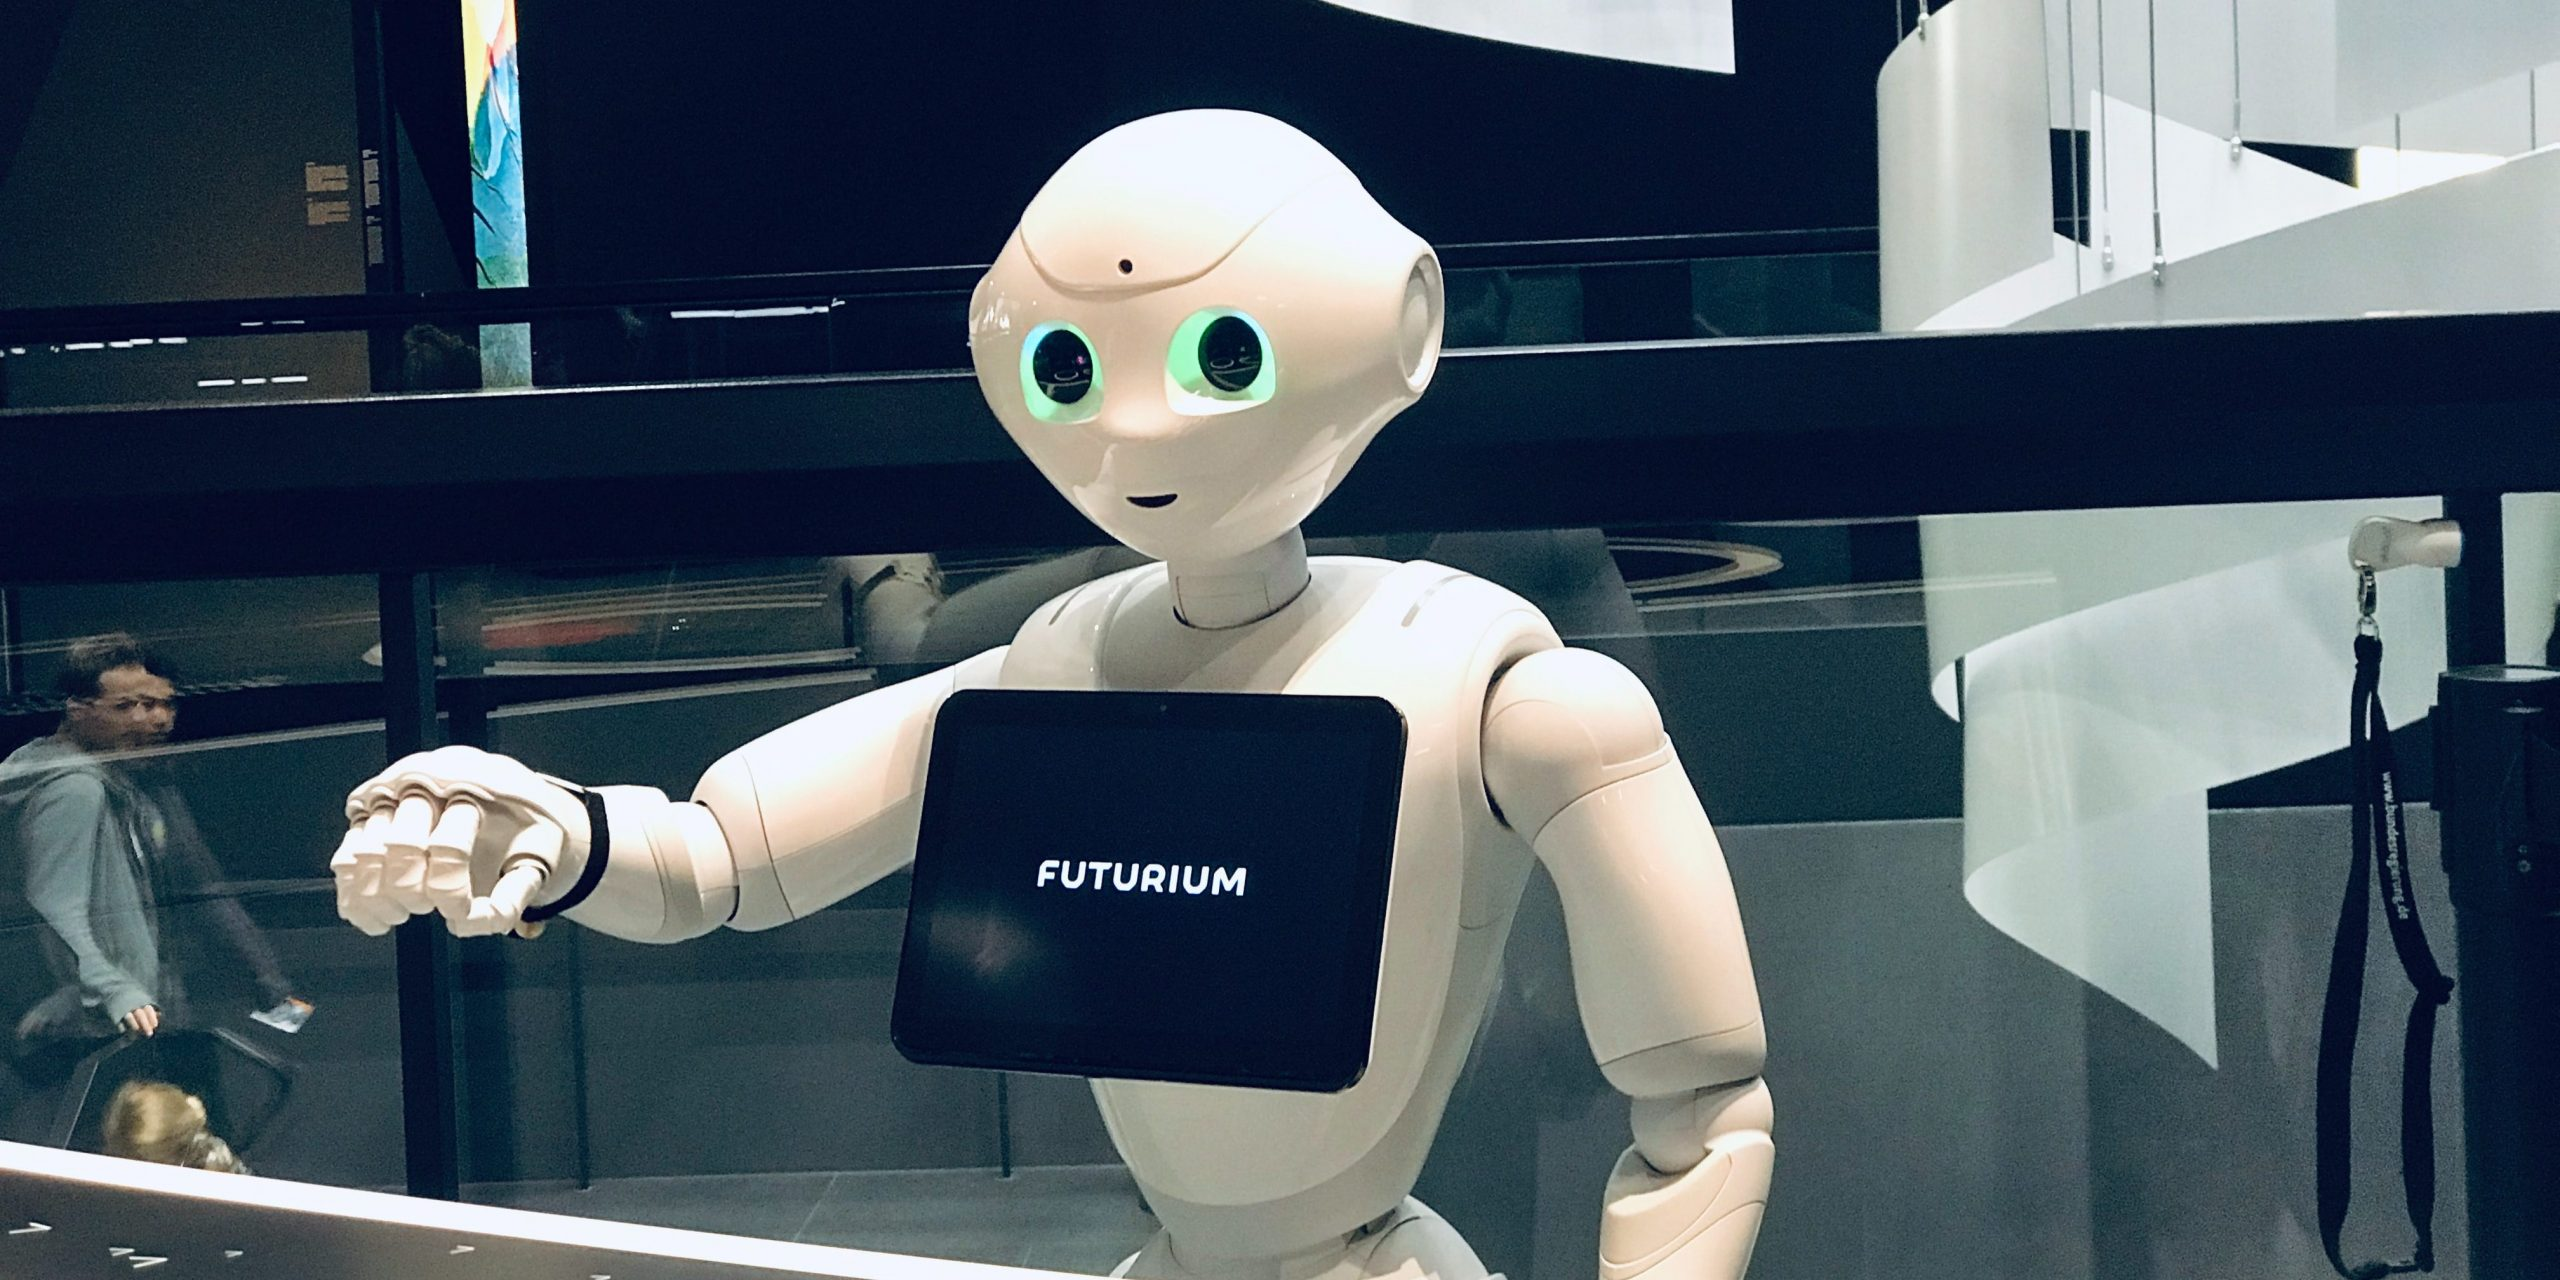 «Лента» с помощью роботов ускорила подбор персонала